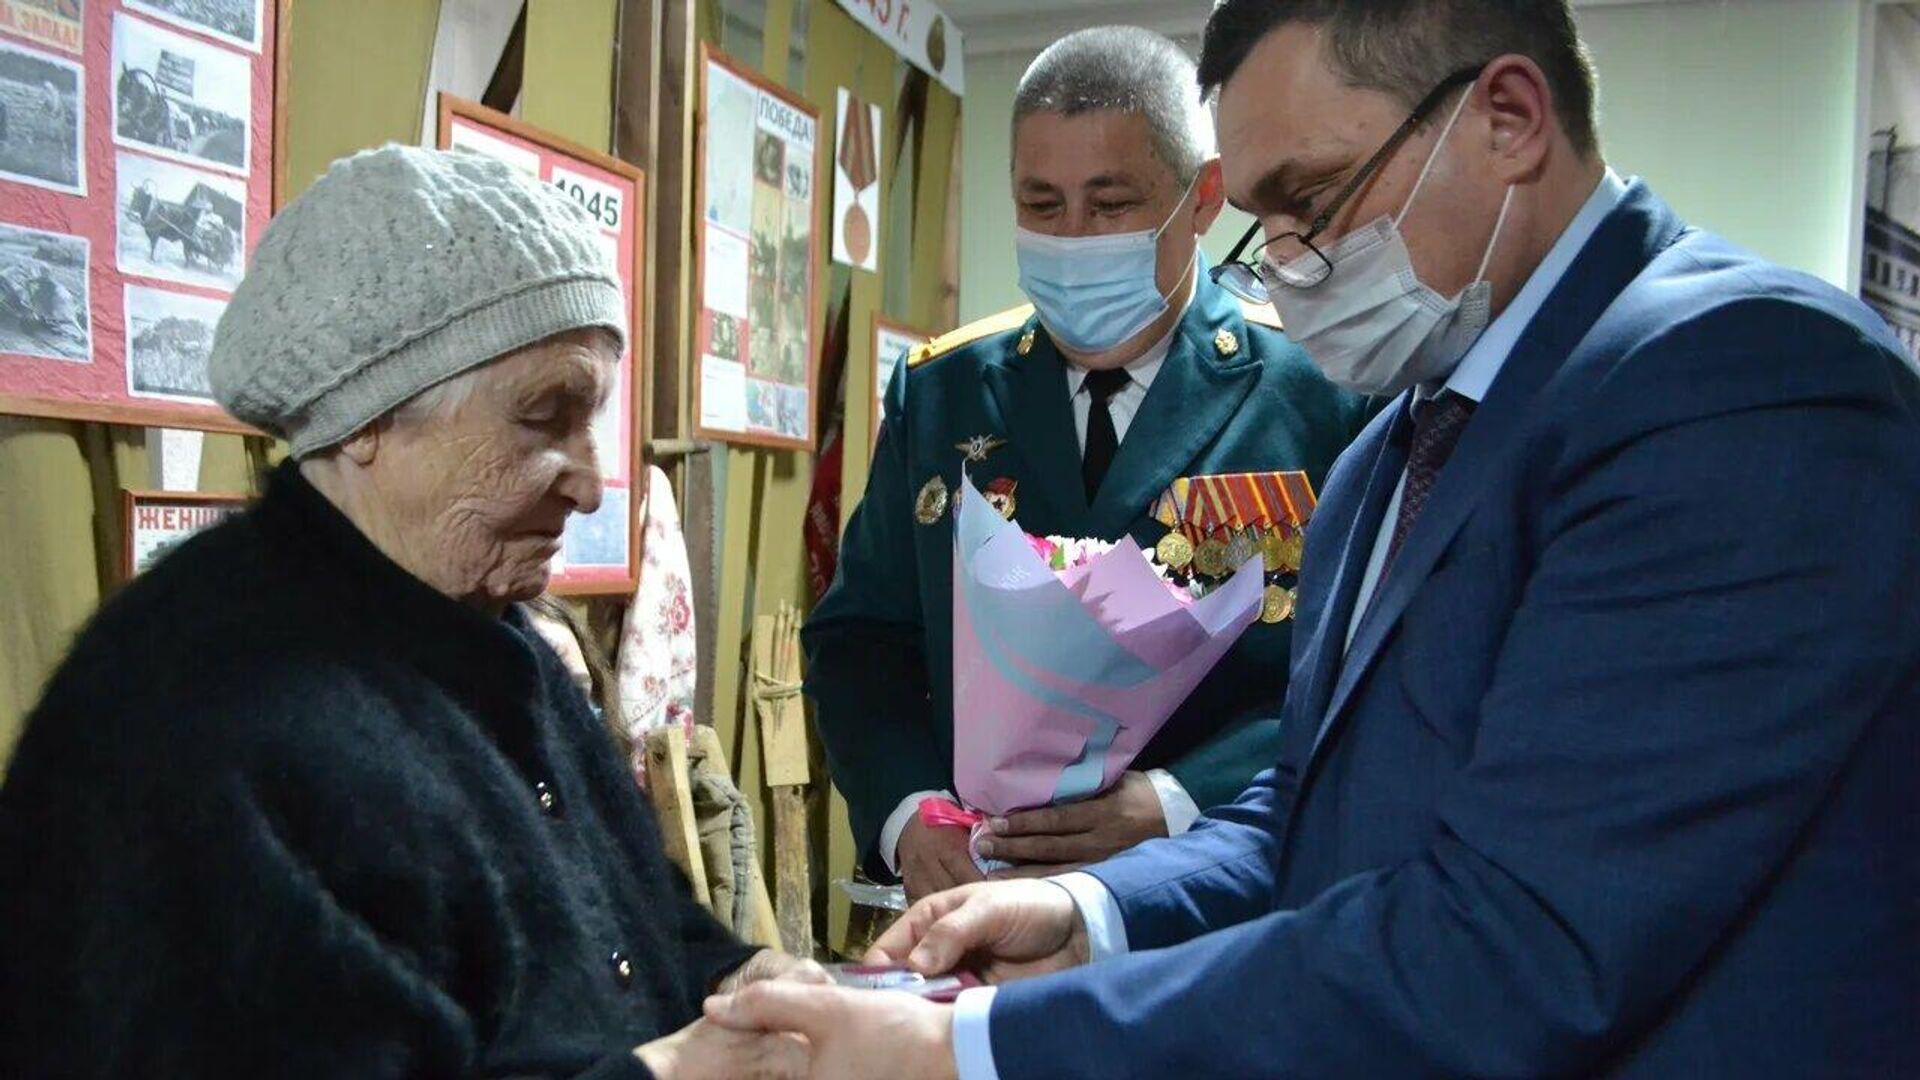 Медаль участника Великой Отечественной войны Михаила Феоктистова торжественно передали его сестре в Татарстане - РИА Новости, 1920, 05.02.2021